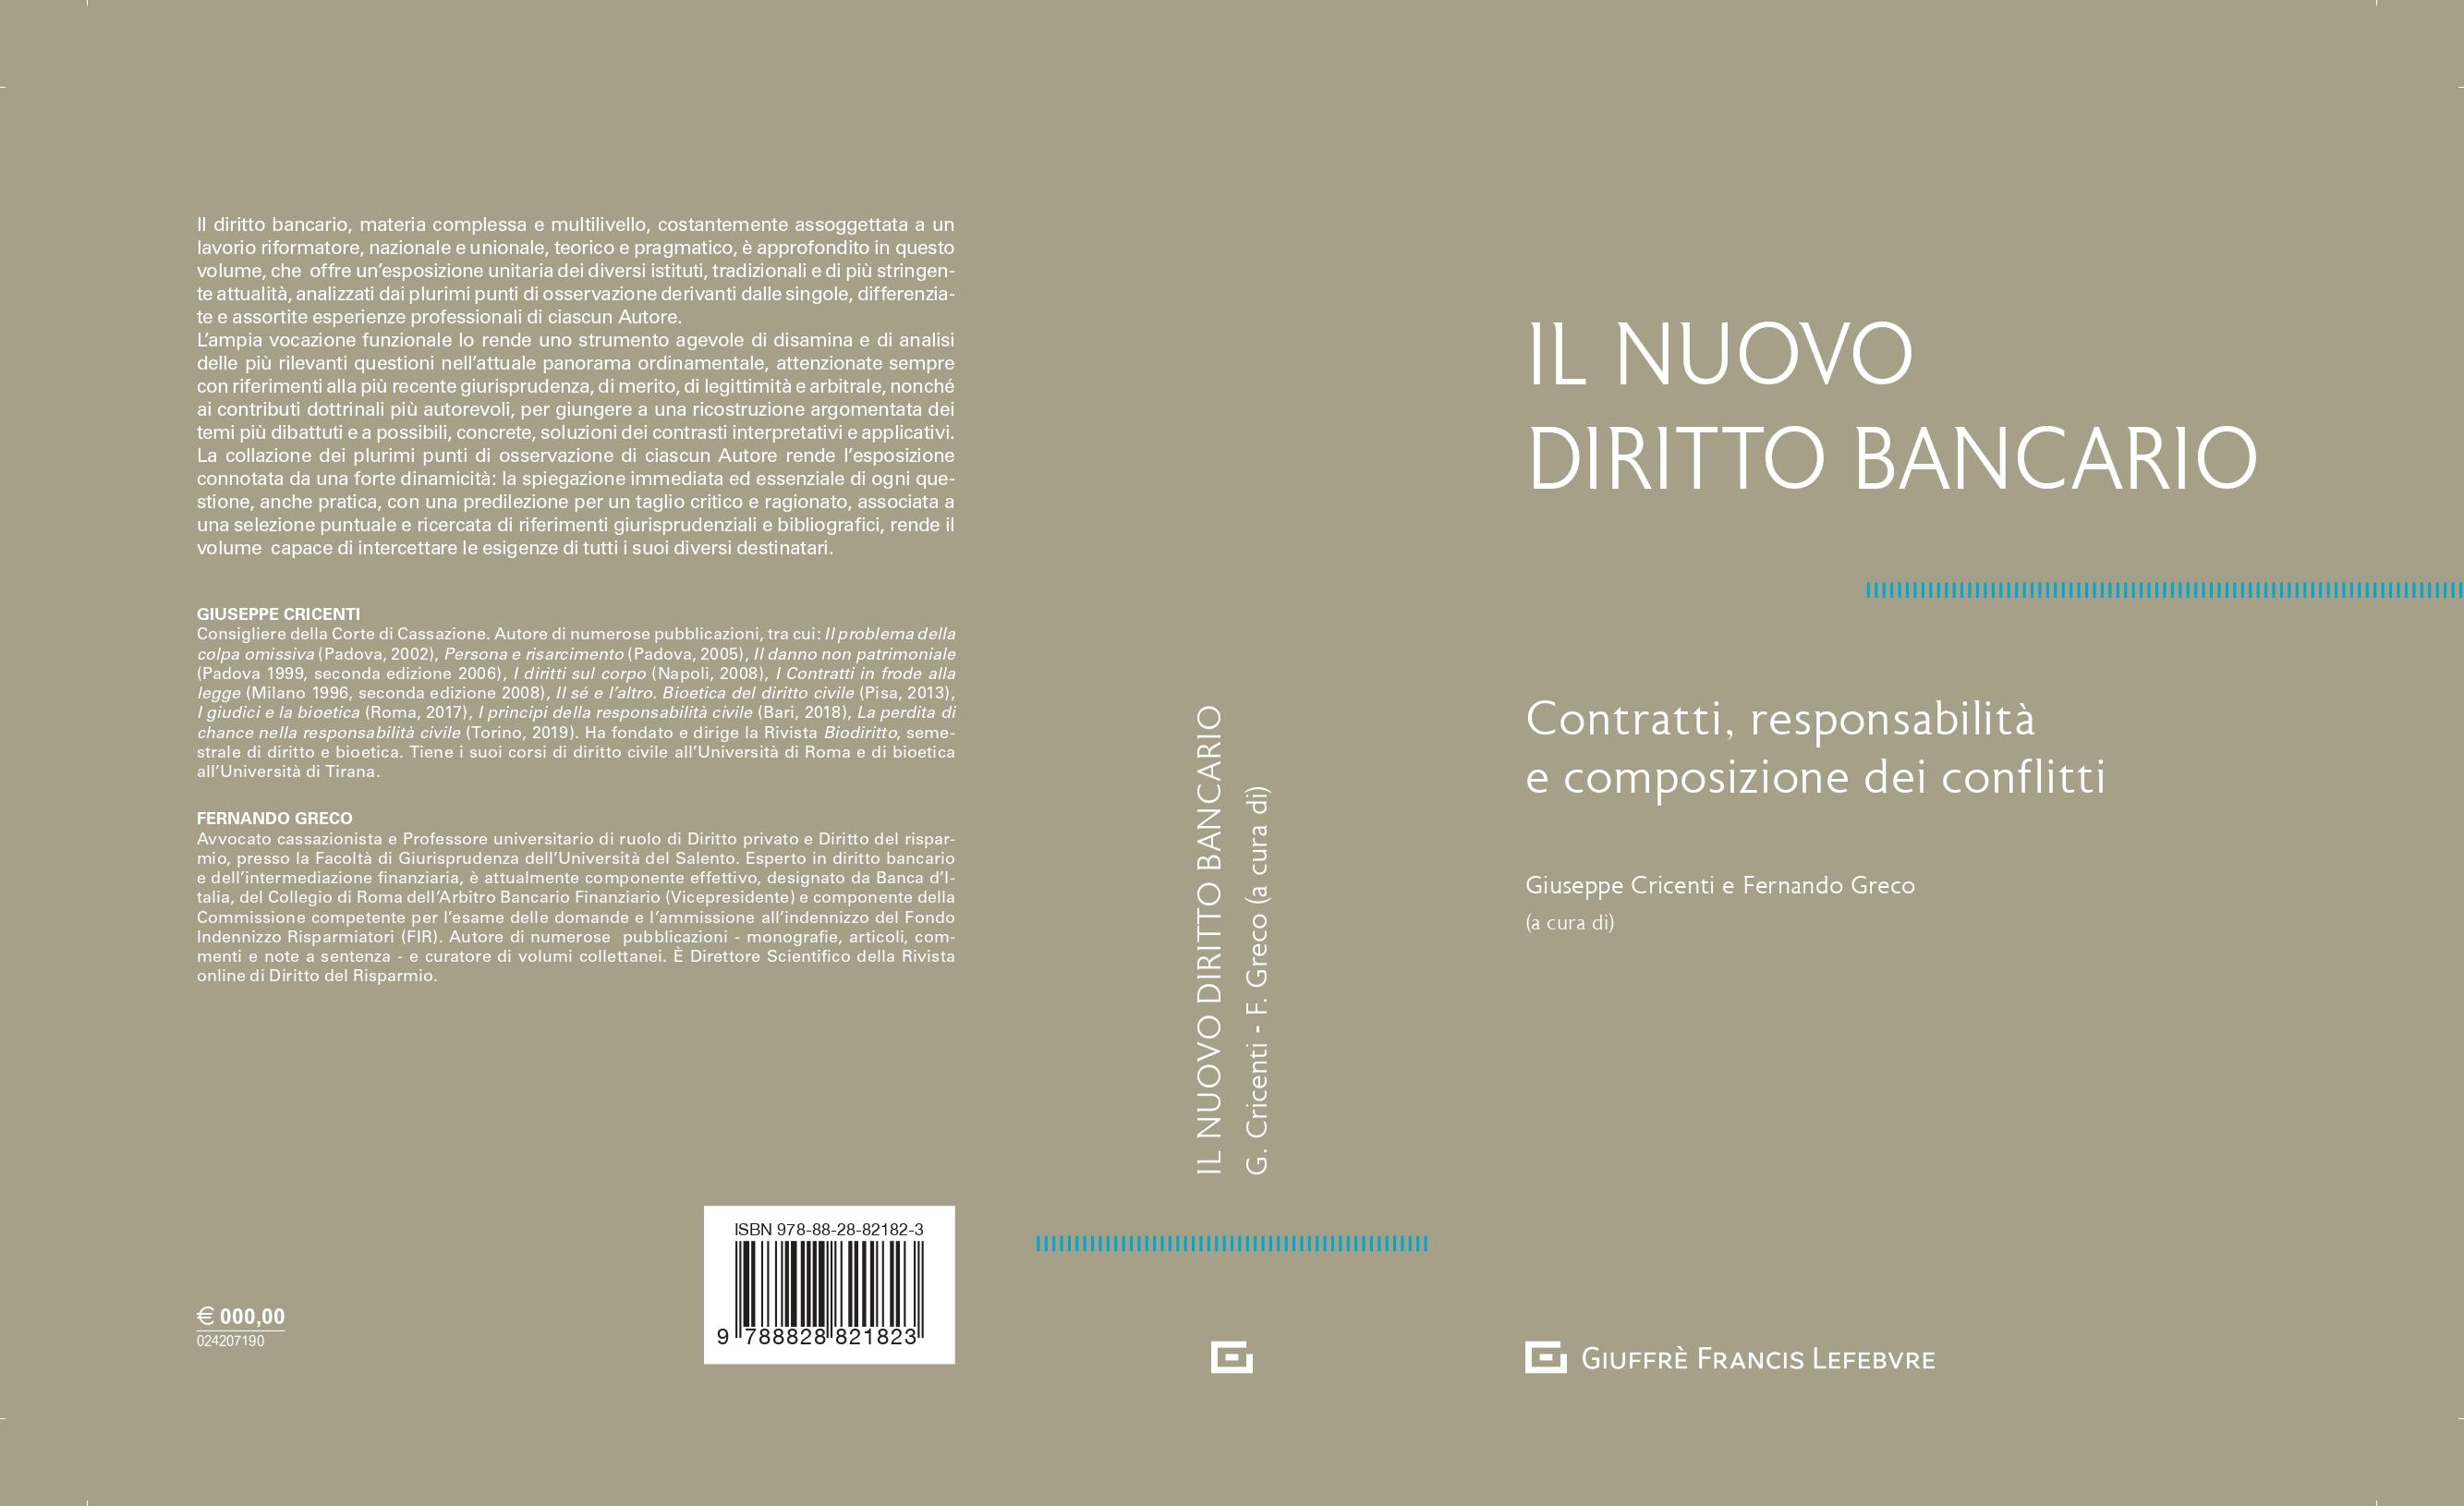 IL NUOVO DIRITTO BANCARIO – Contratti, responsabilità e composizione dei conflitti.